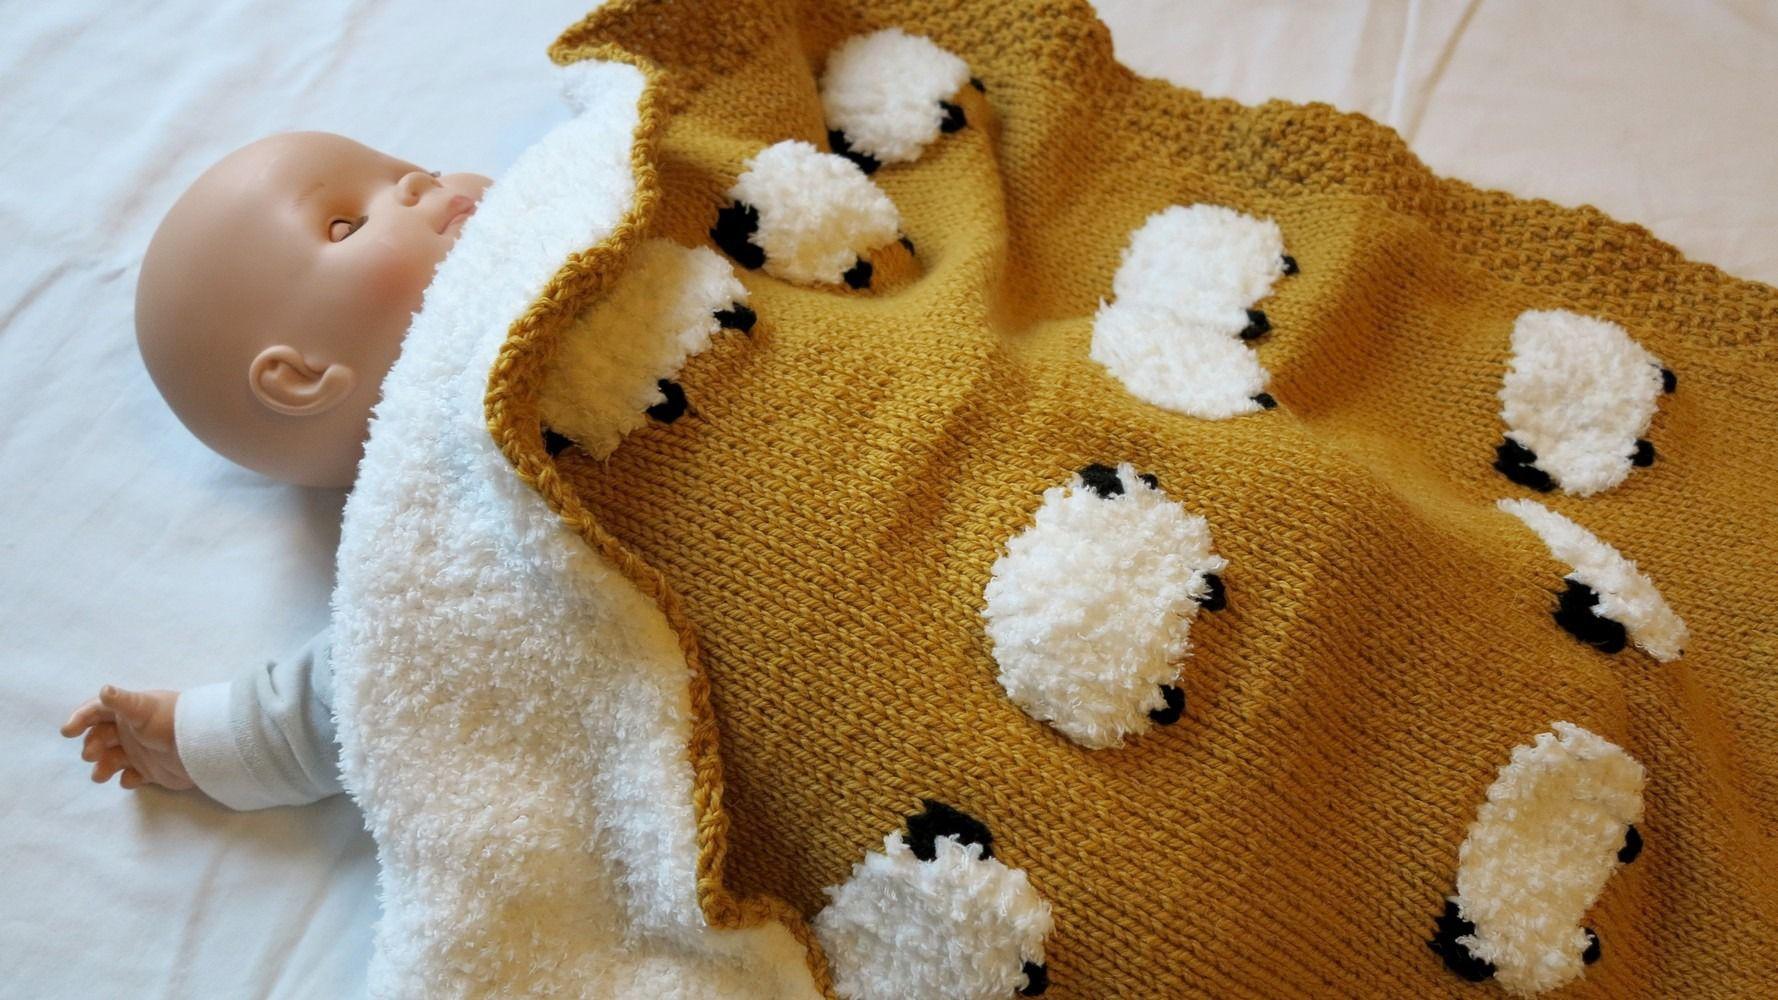 R serv o couverture b b avec de petits moutons tricot e main doubl e au tricot fils - Couverture en laine bebe ...